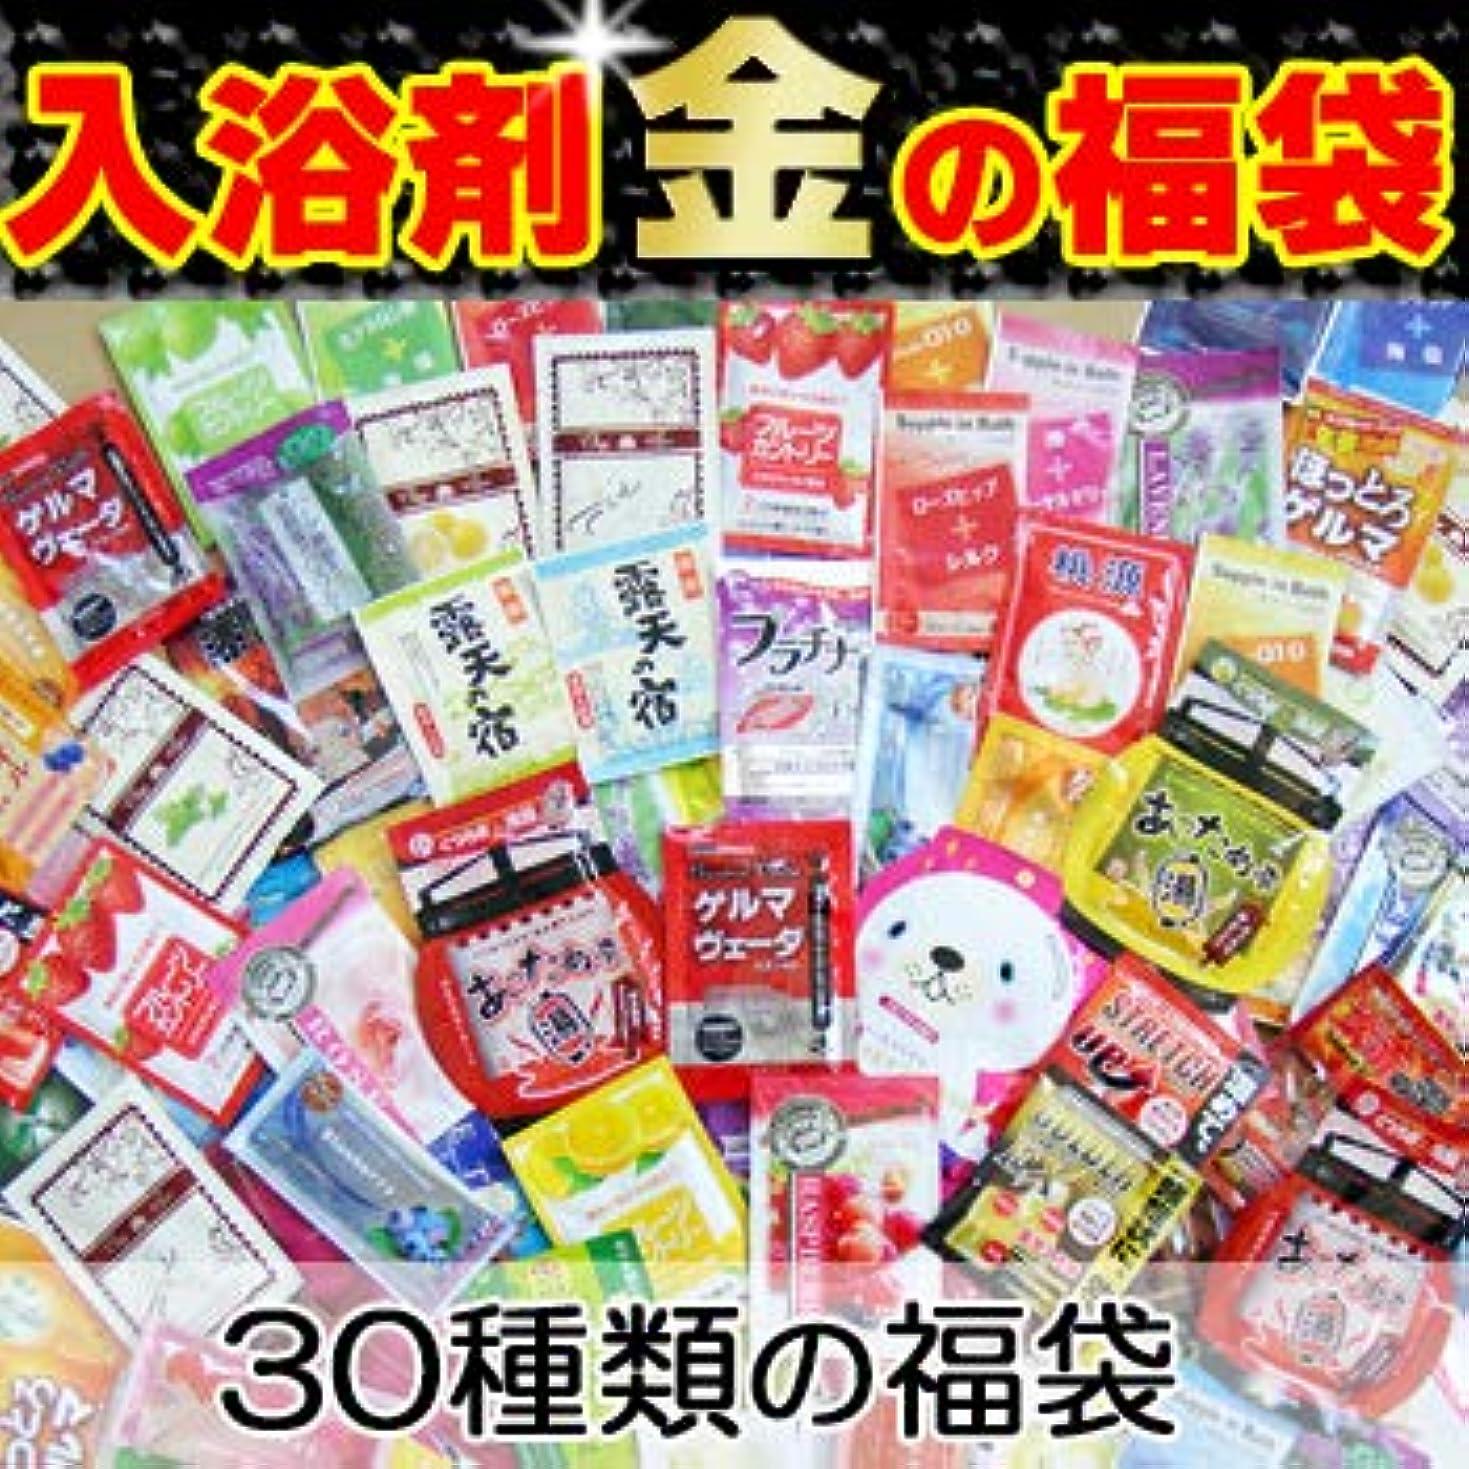 スツール選挙他の日お試し入浴剤 金の福袋30種類!30日分 入浴剤福袋 安心の日本製!